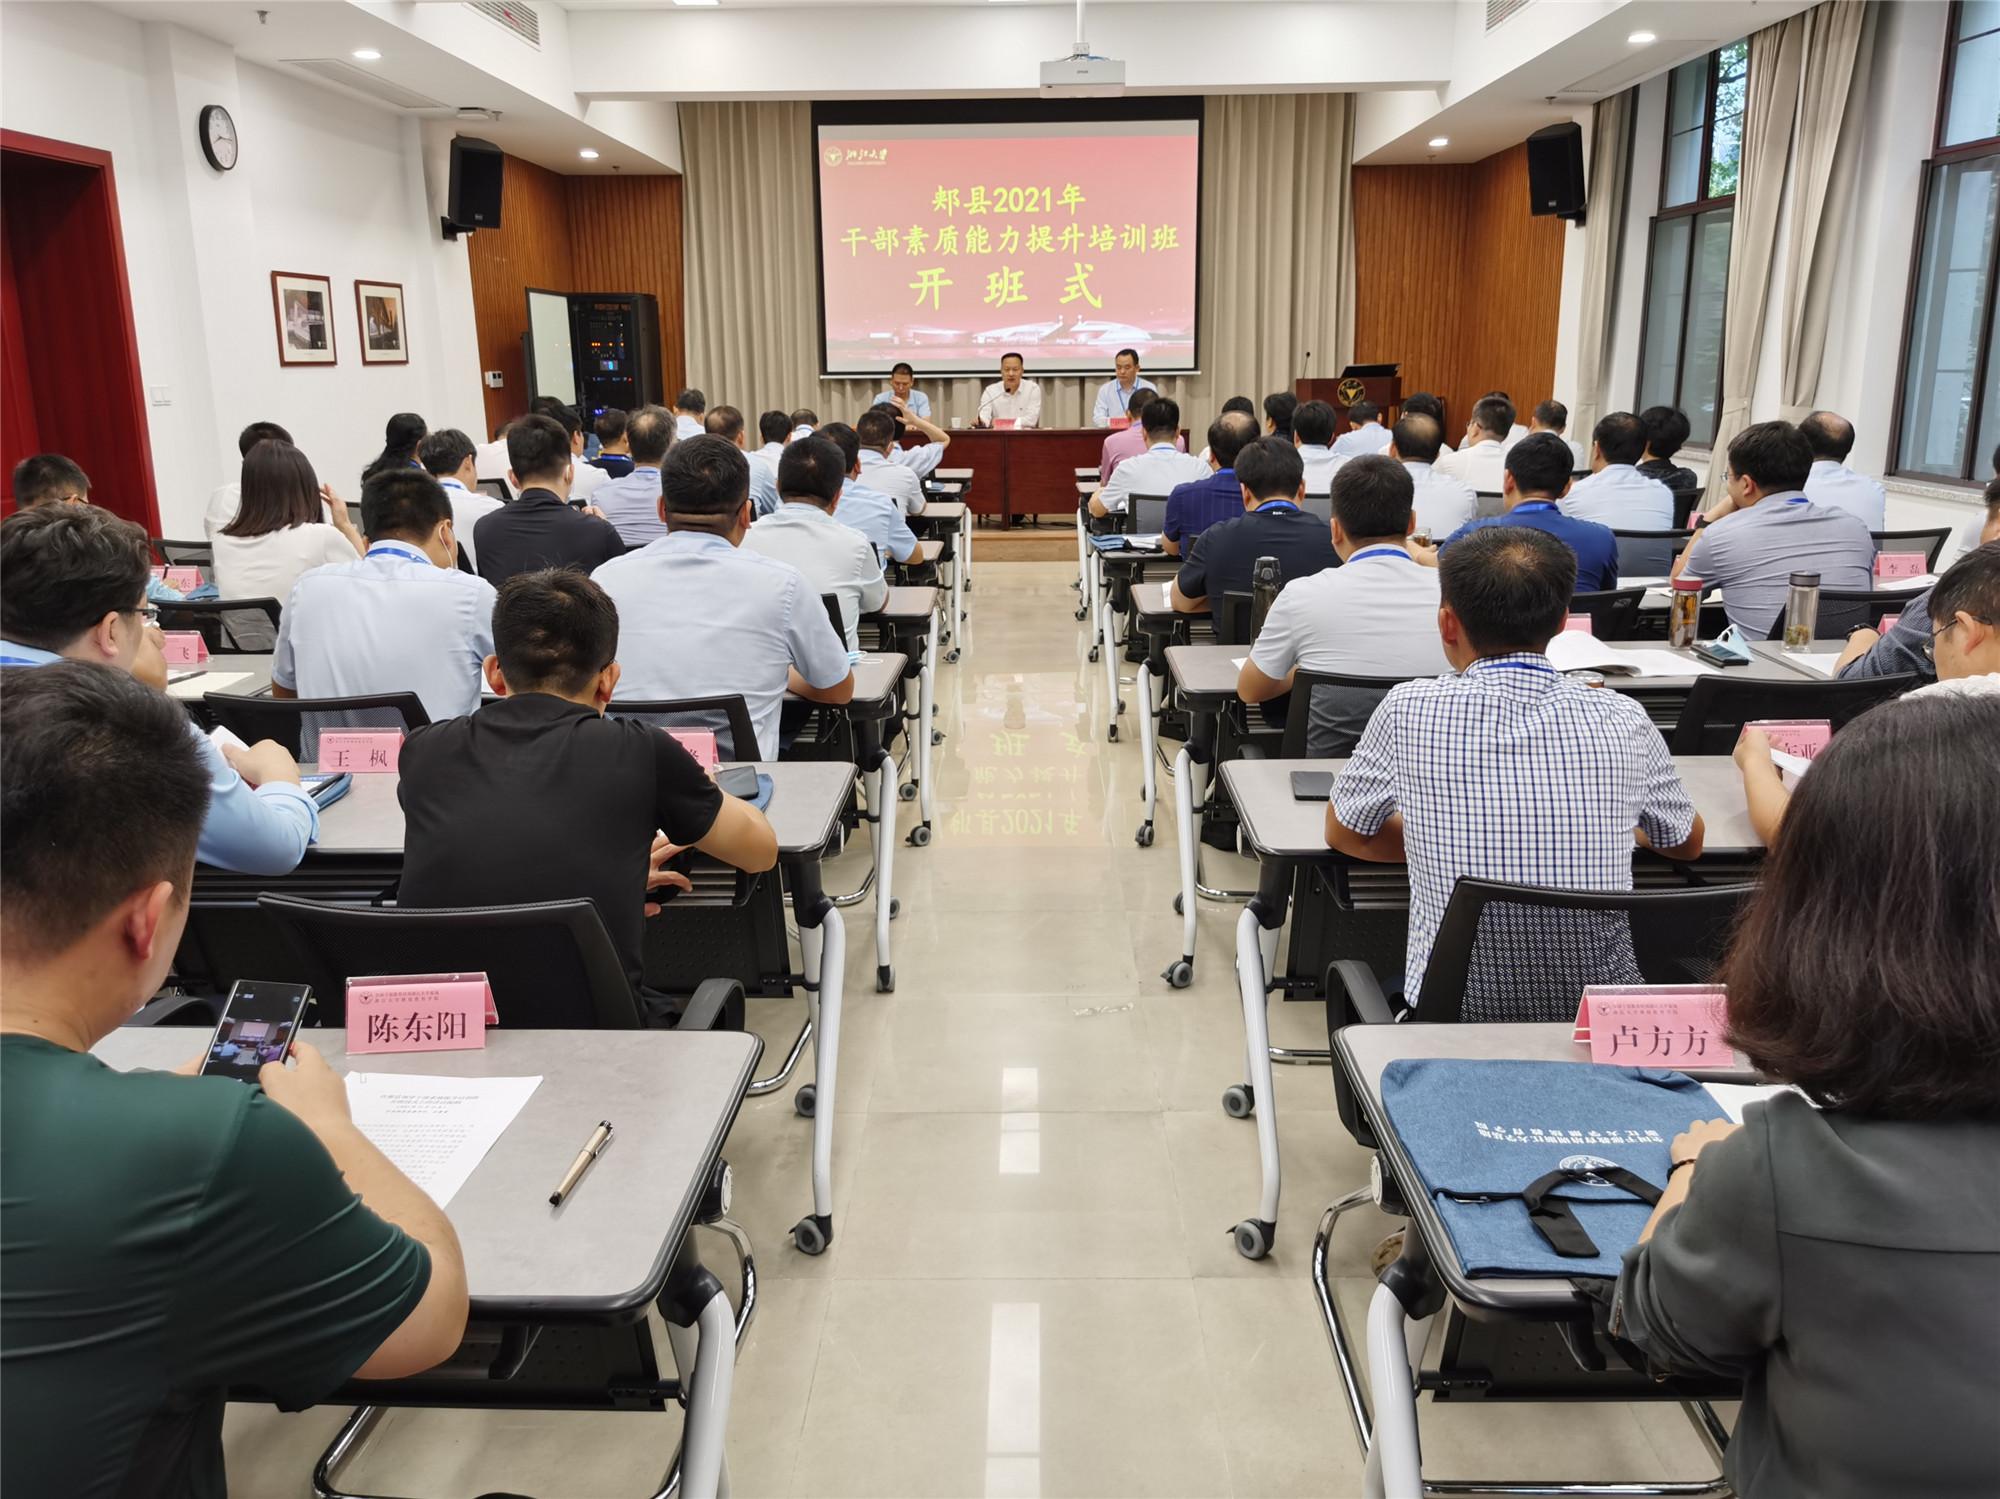 10月13日郏县领导干部素能提升培训班在浙江大学顺利开班.3_副本.jpg